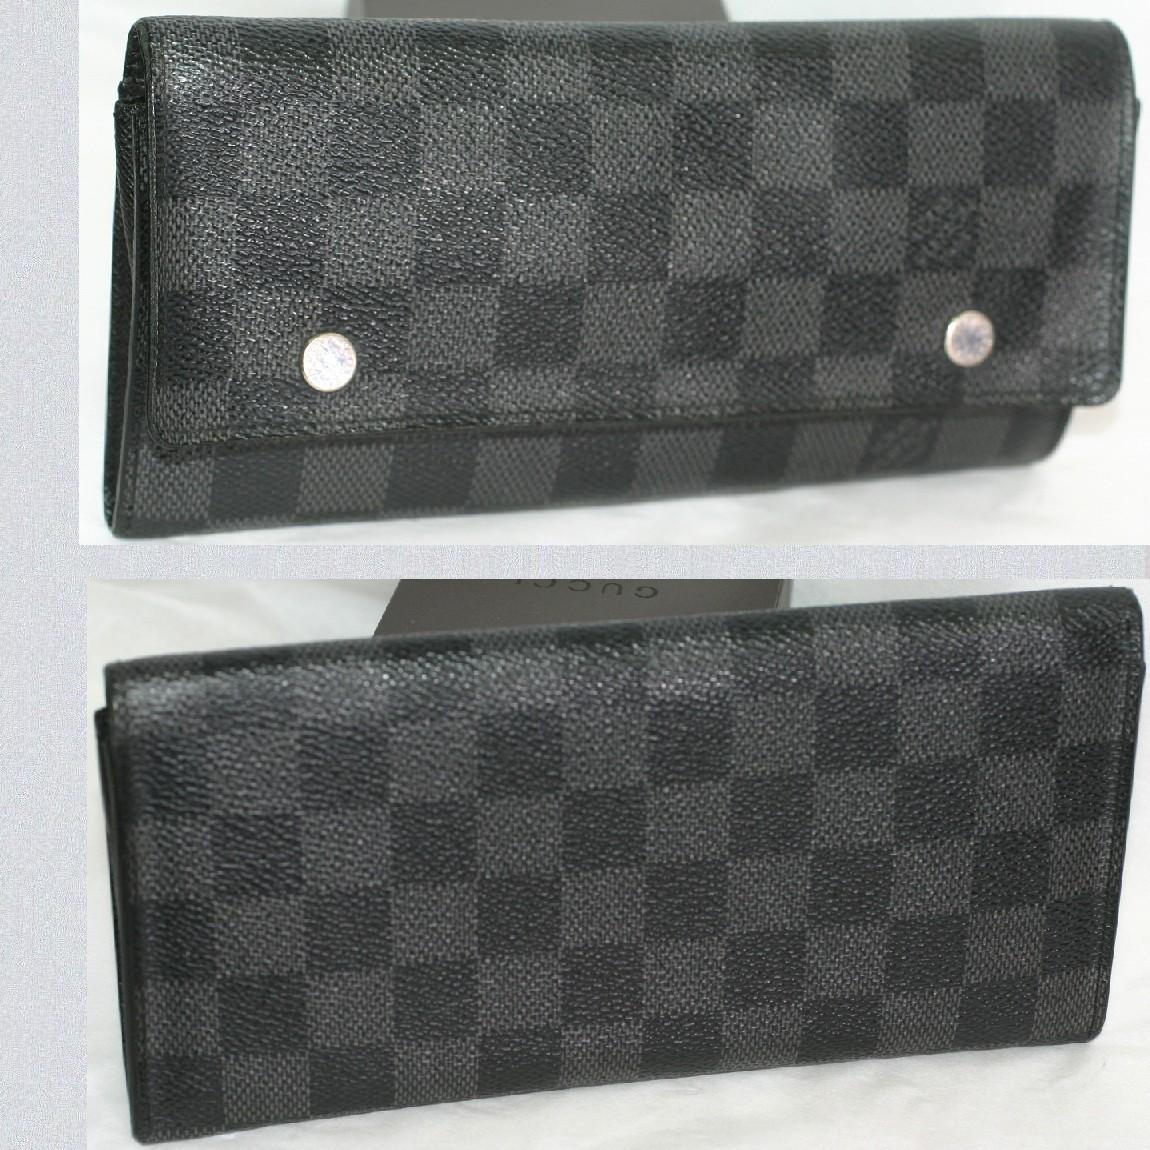 【中古】本物美品L/Vダミエグラフィット紳士用長財布ポルトフォイユロンモデュラブルM63084 お勧めです